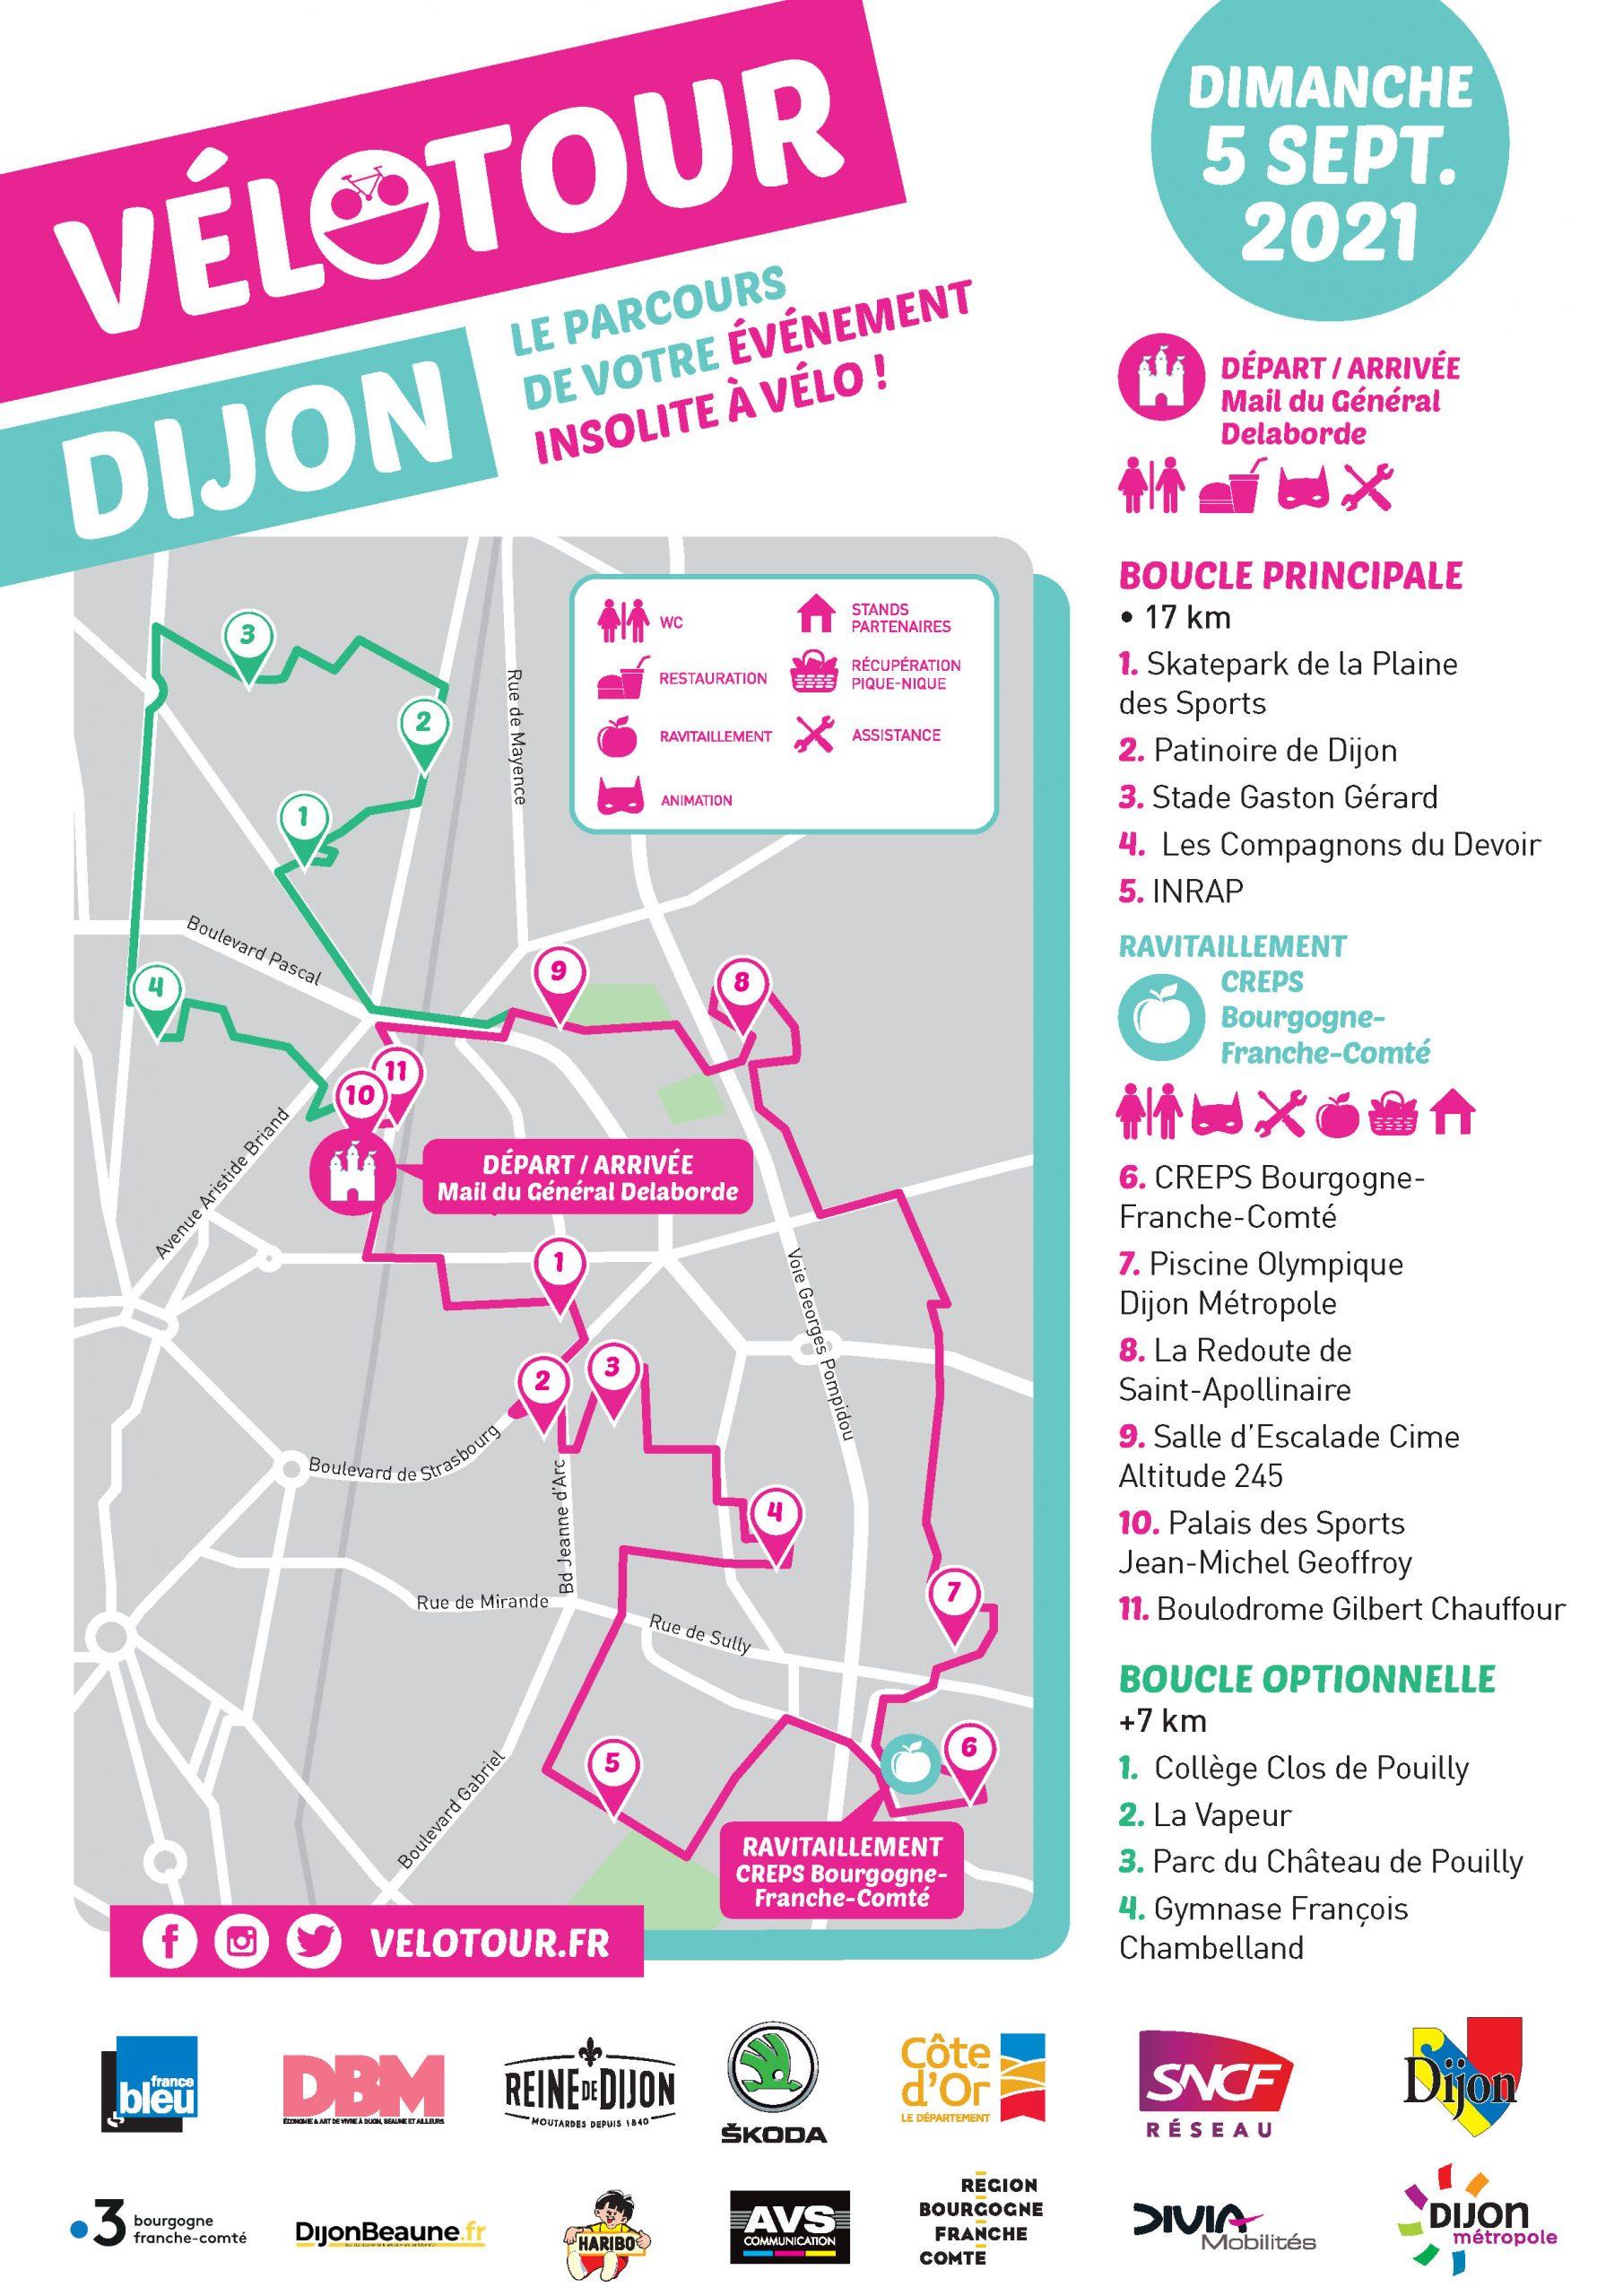 Découvrez le circuit du Vélotour Dijon 2021 : cap à l'est !